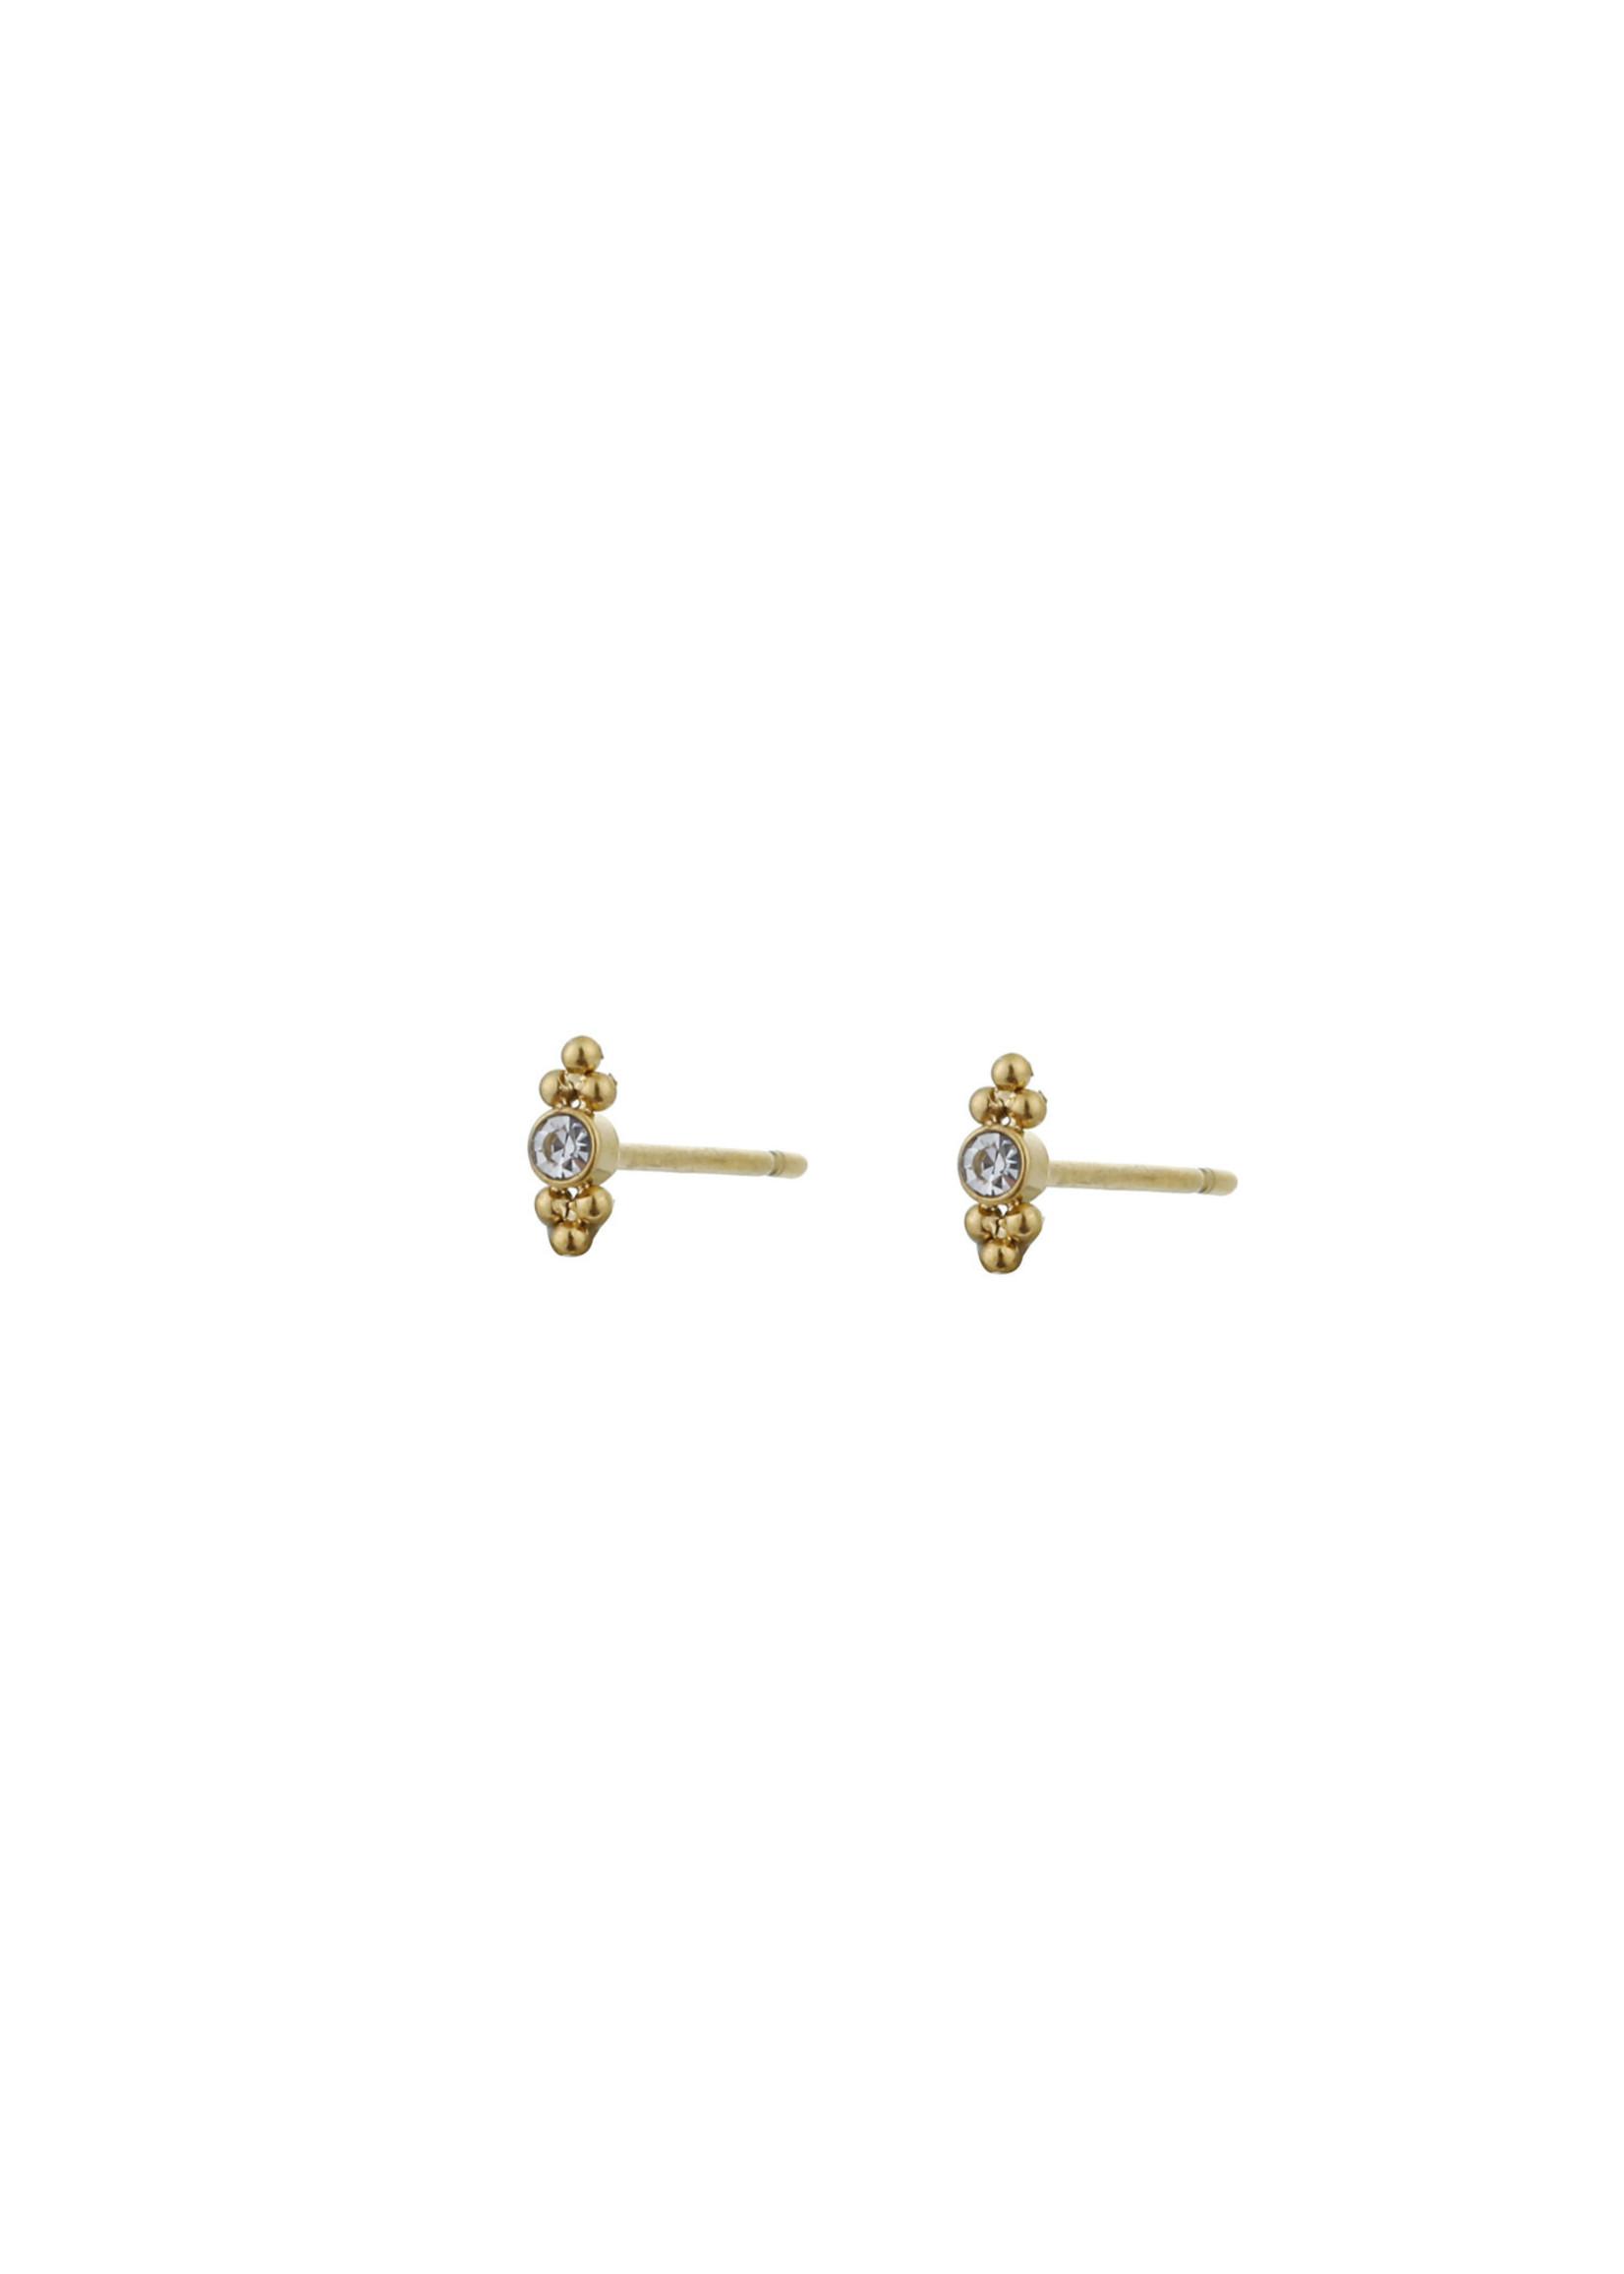 Oorbel goud met steentje E0792-2